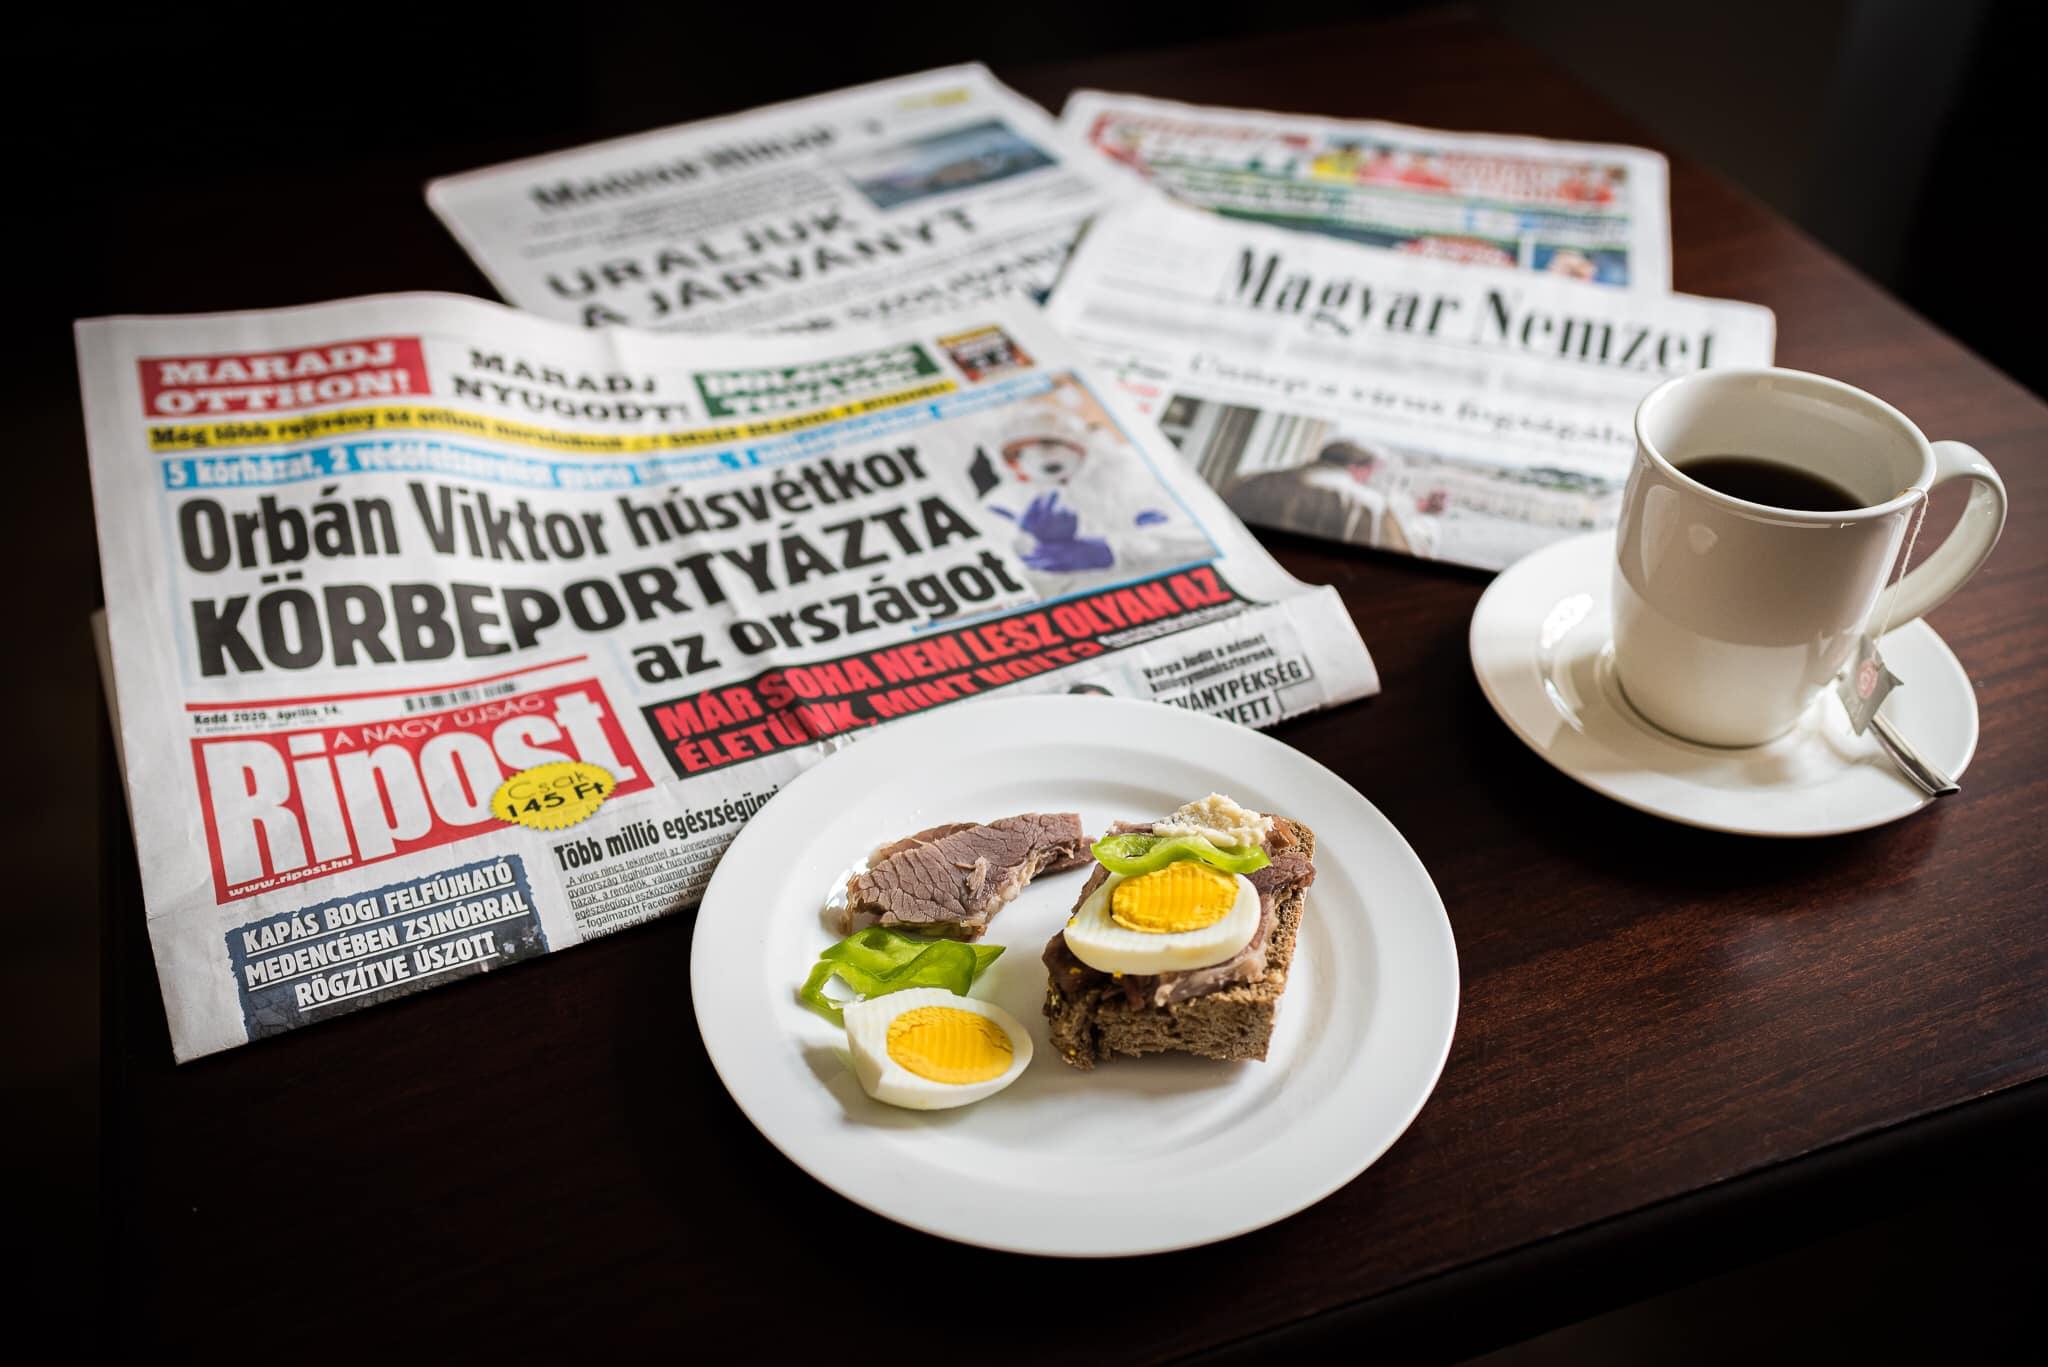 Orbán Viktor reggeli közben elolvasta a fideszes lapokban, hogy mindent nagyon jól csinál